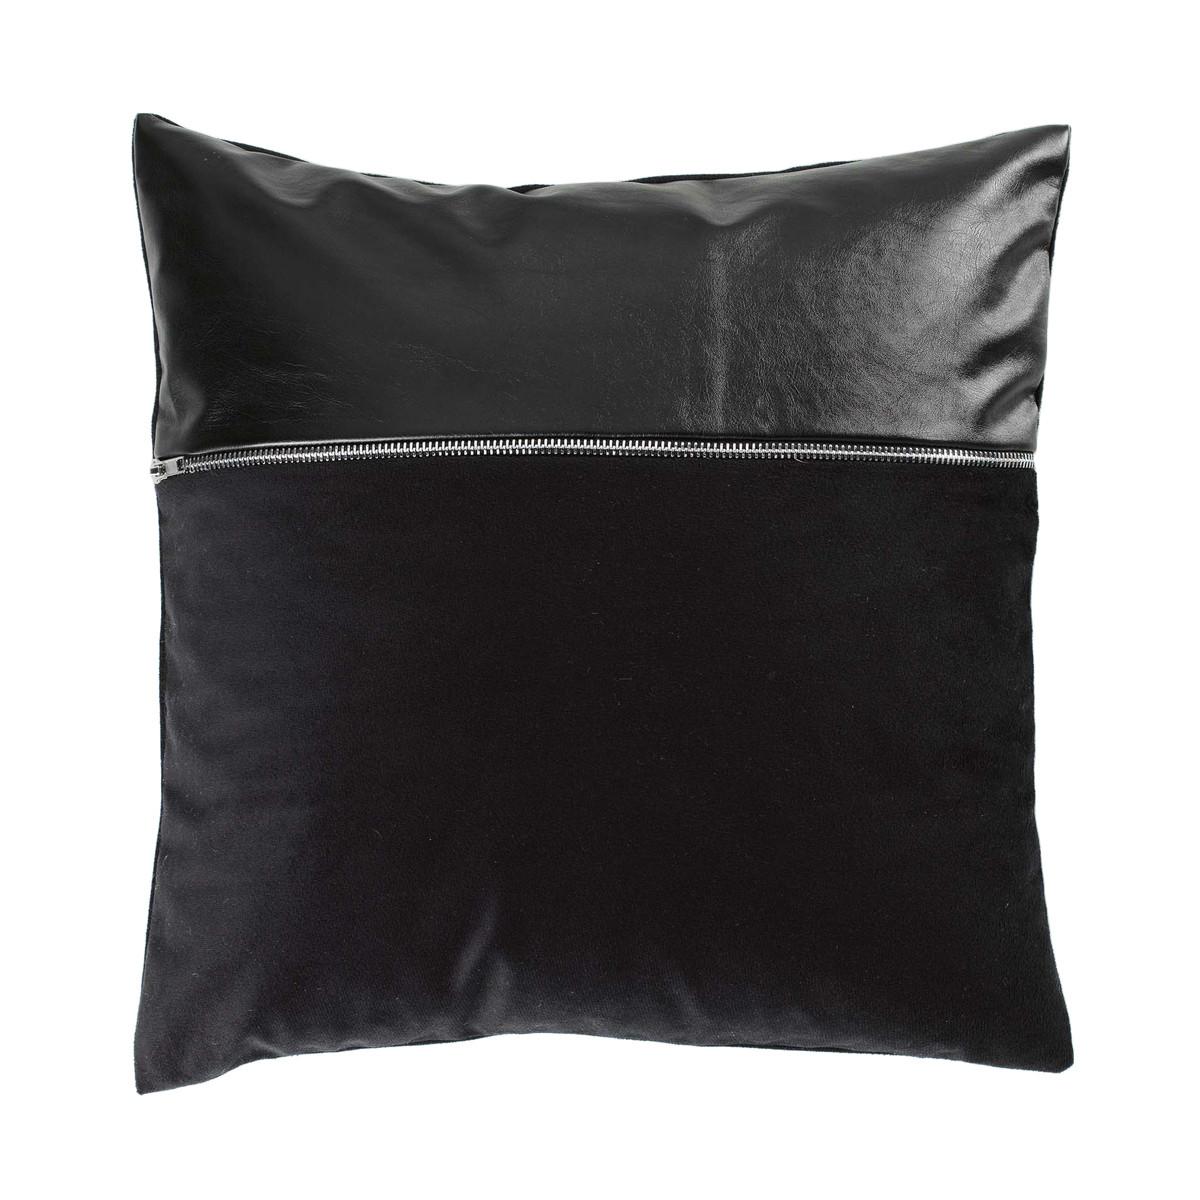 Διακοσμητική Μαξιλαροθήκη Aston Noir 1607606